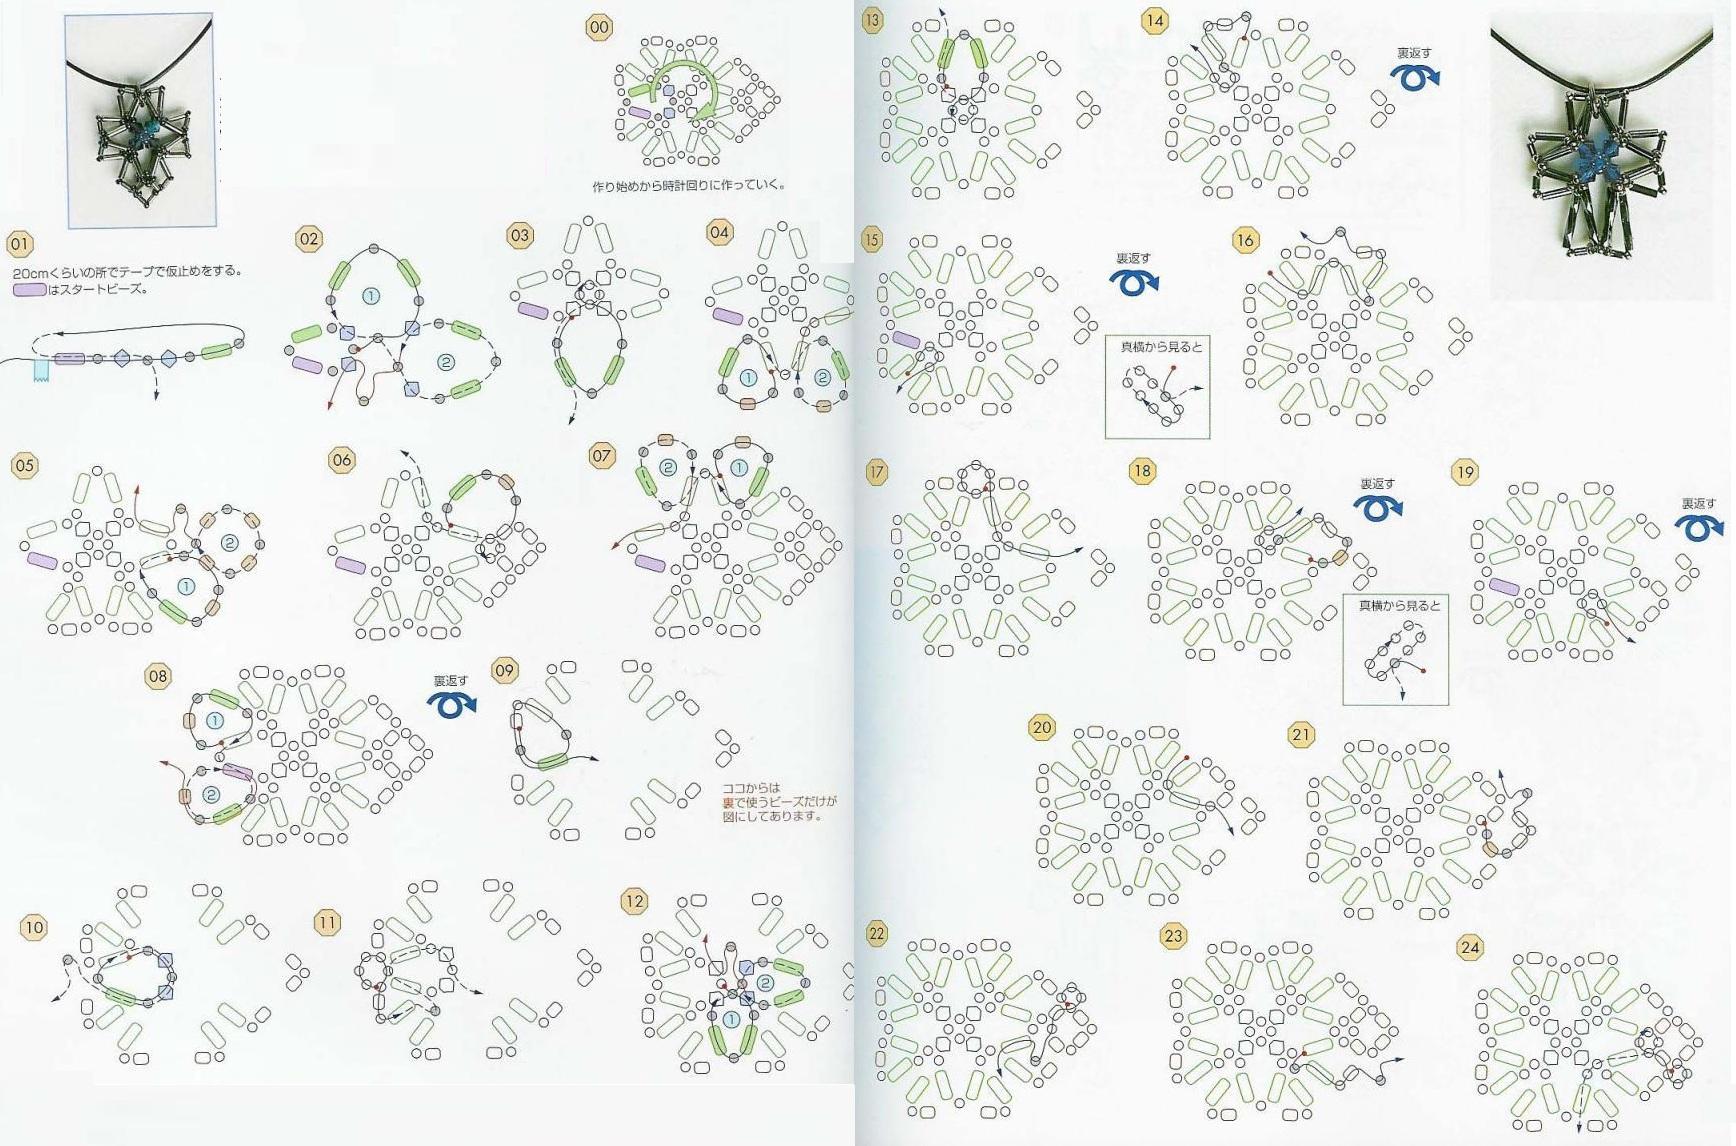 схема плетения. крестик из стекляруса.